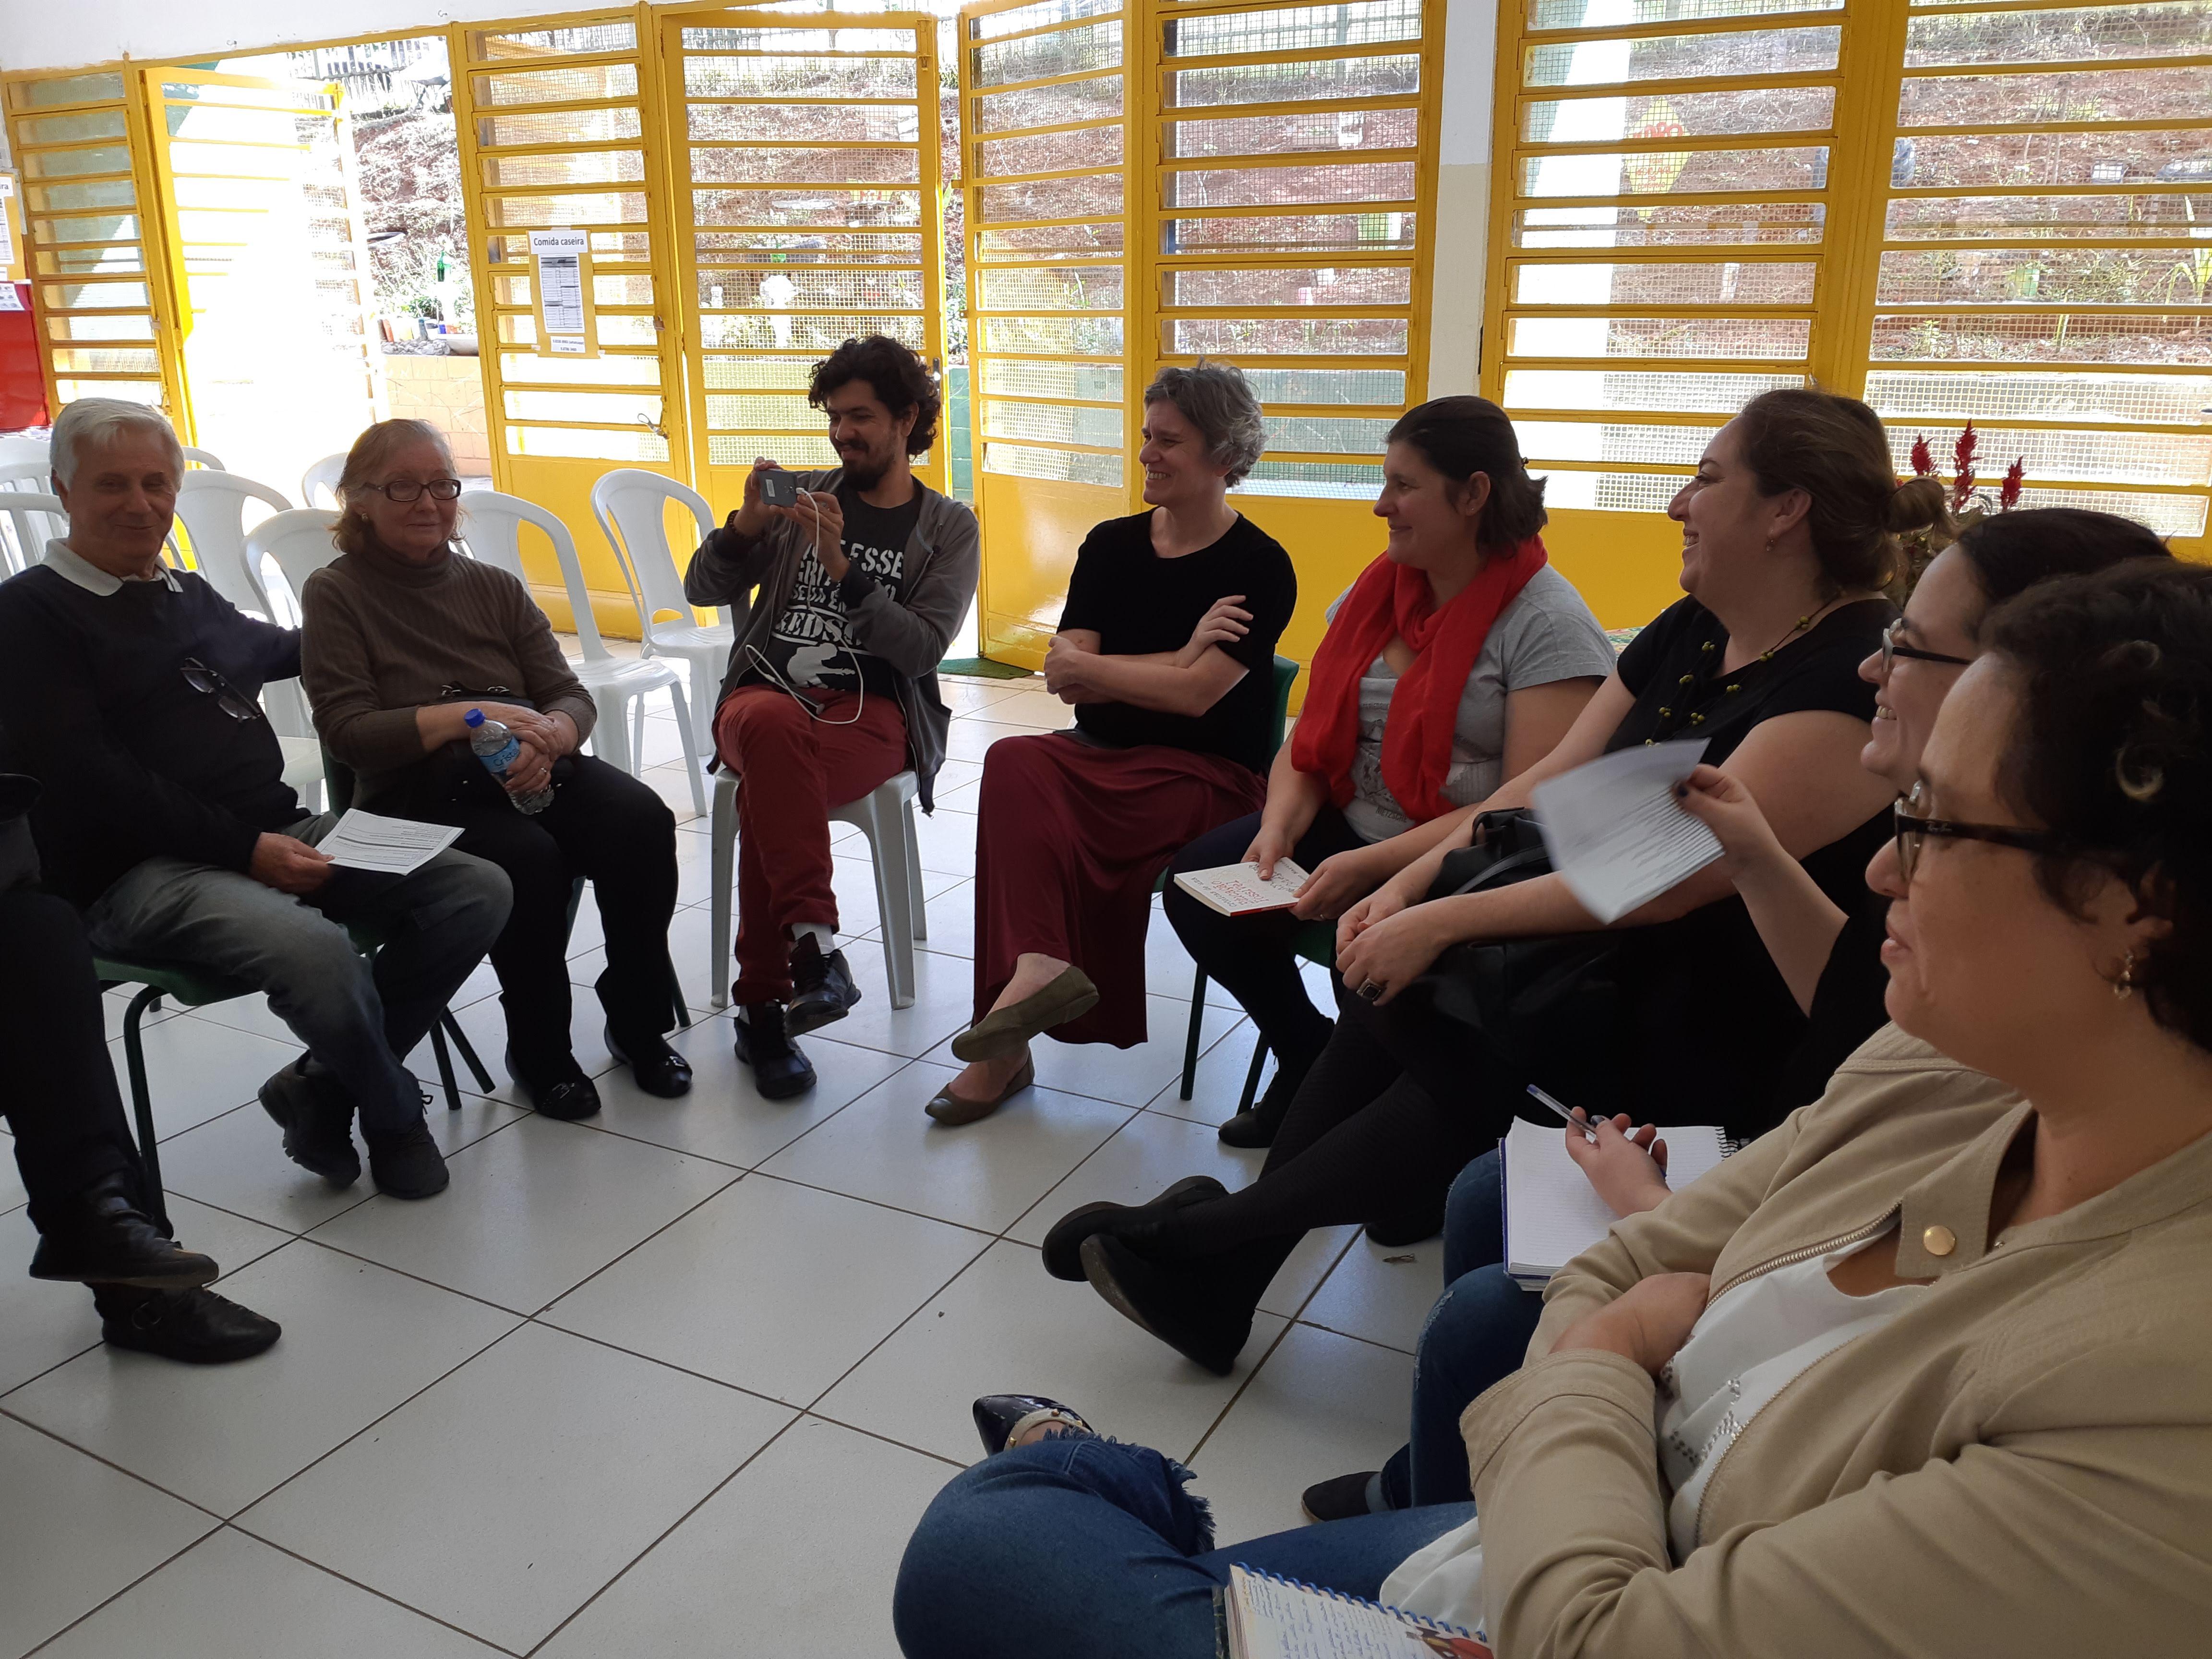 Representantes de escolas e organizações educativas debatem temas sobre educação